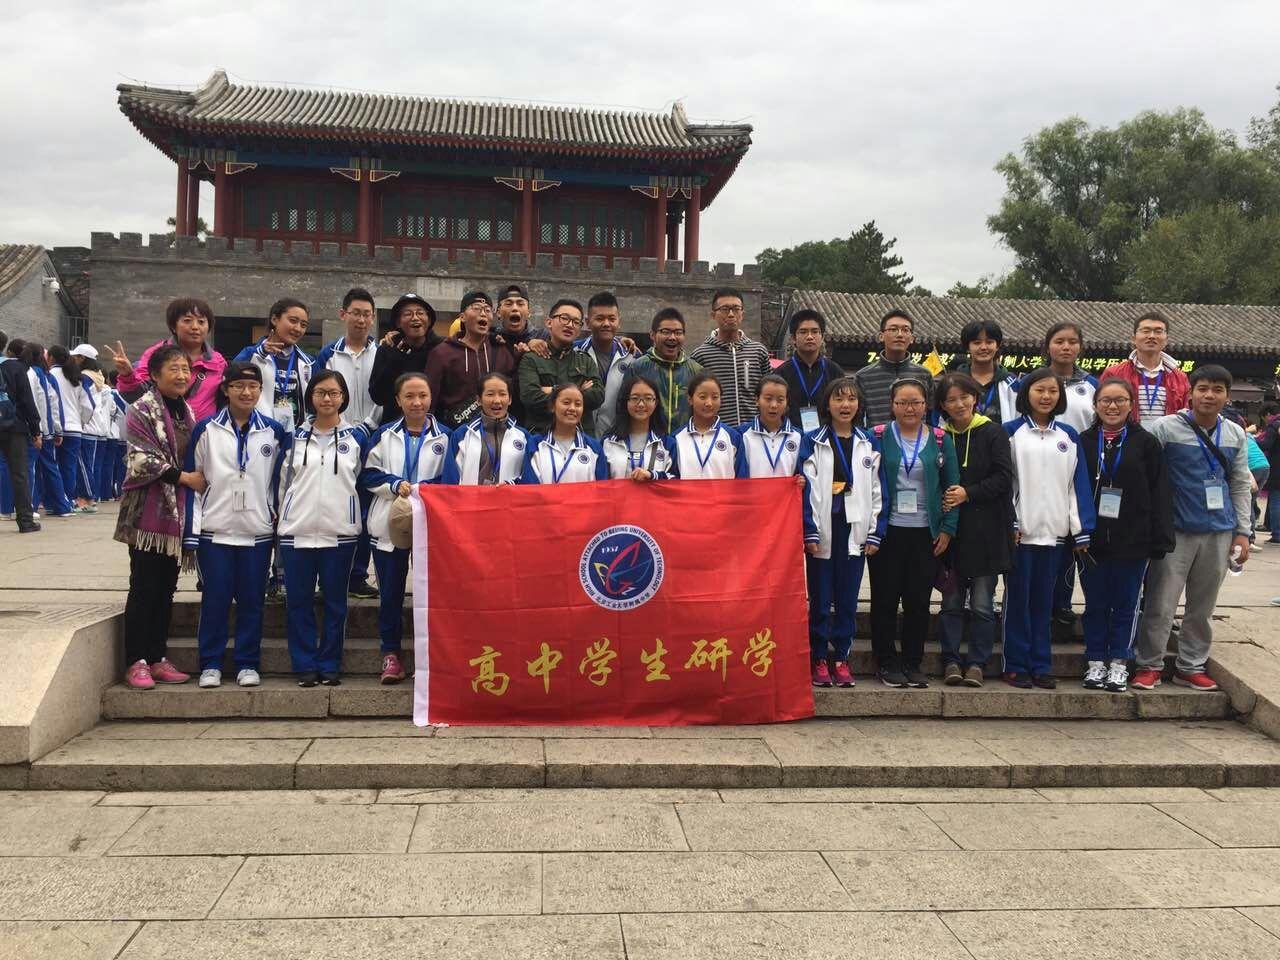 北京工业大学附属中学组织西藏学生赴承德、安徽、井冈山开展文化研学活动